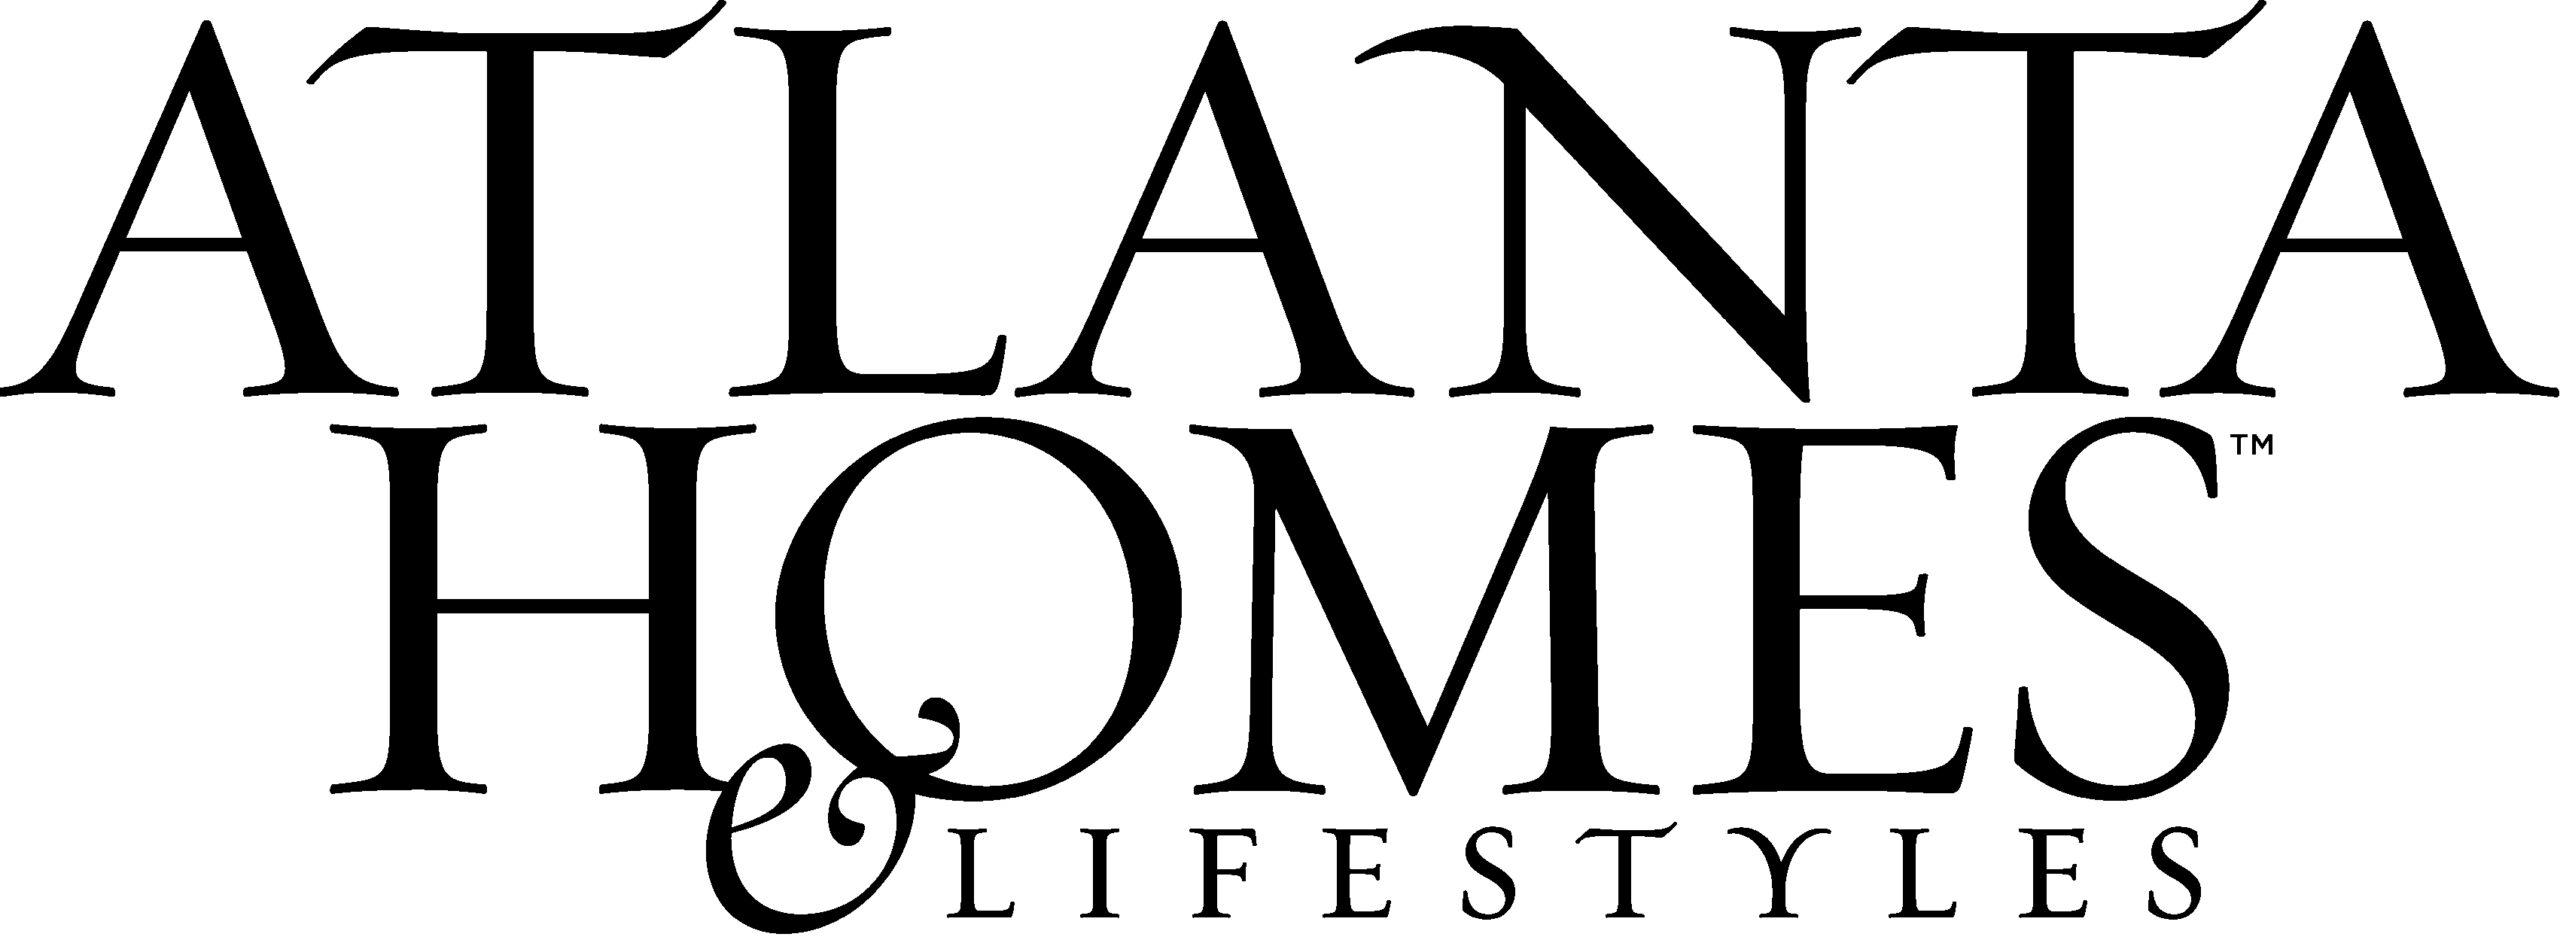 AHL_logo